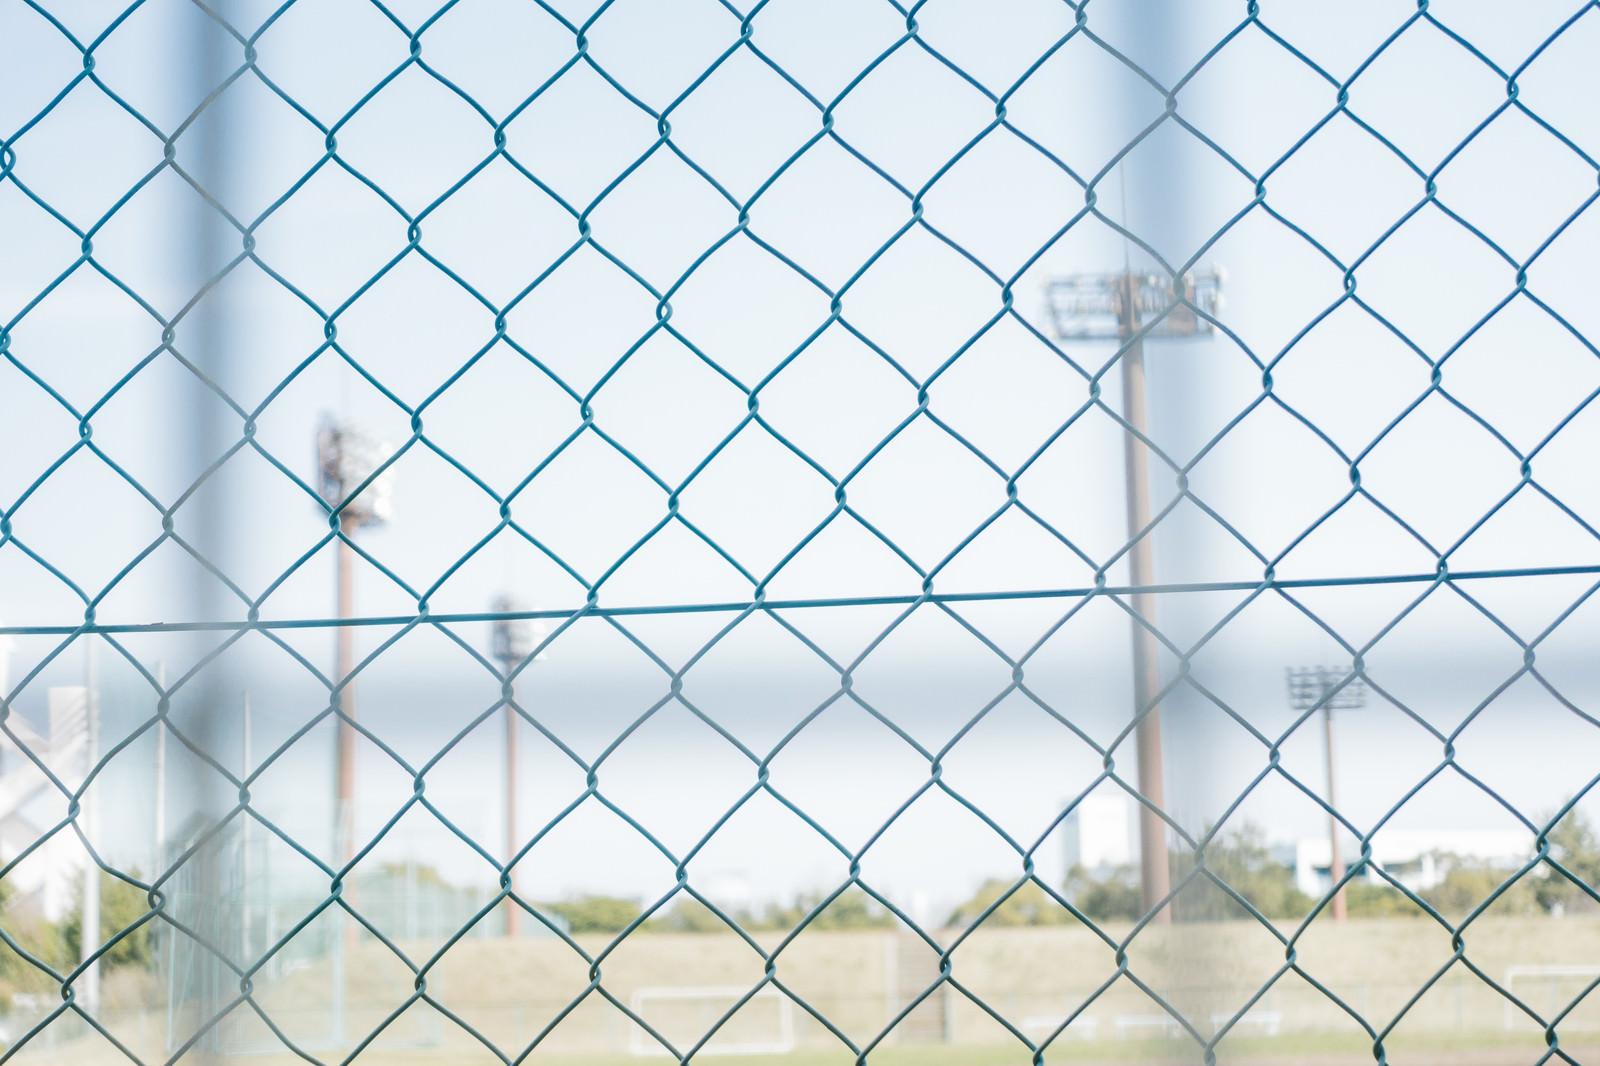 「金網と野球場」の写真